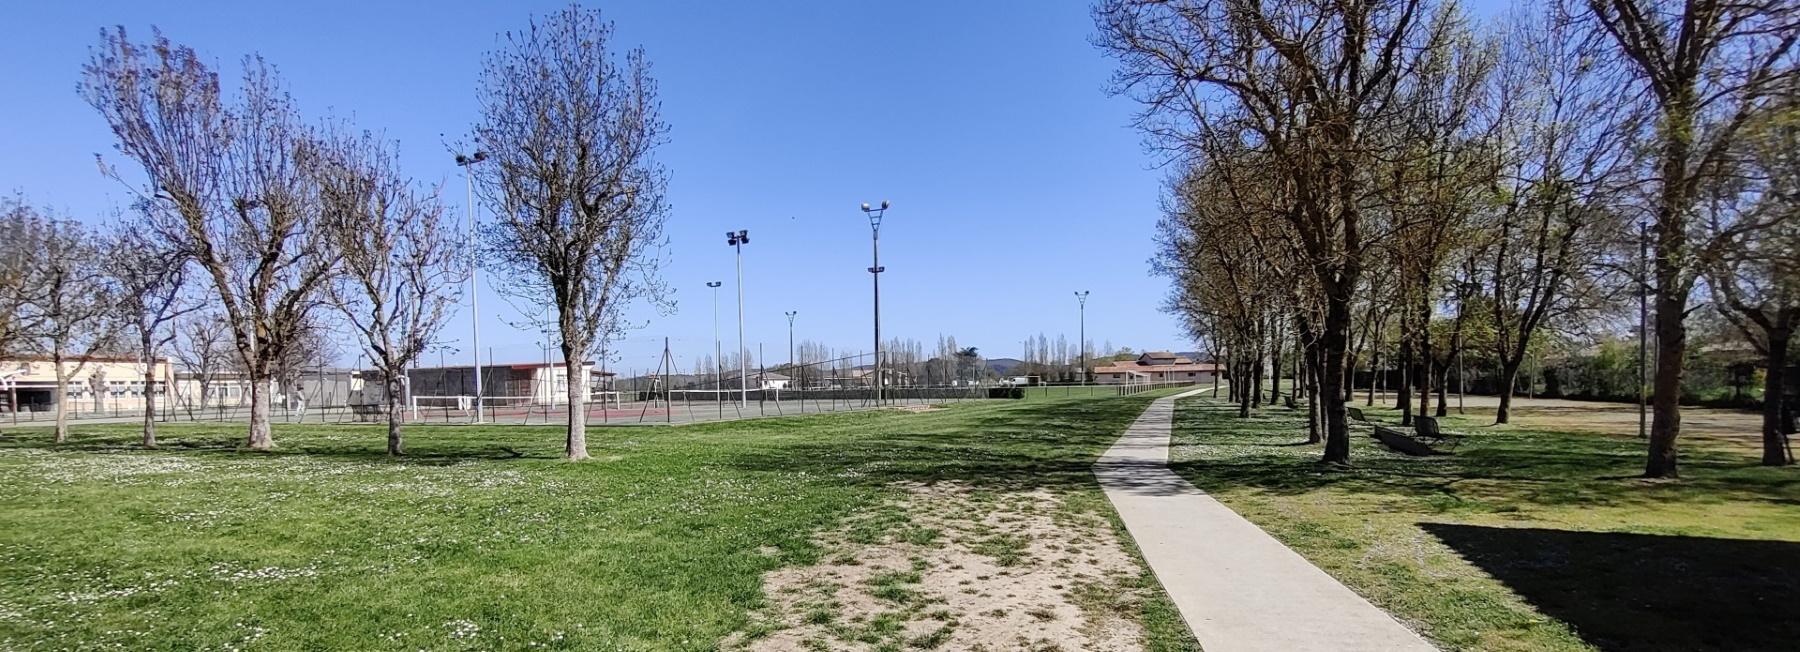 Village de Saint-Hilaire 31